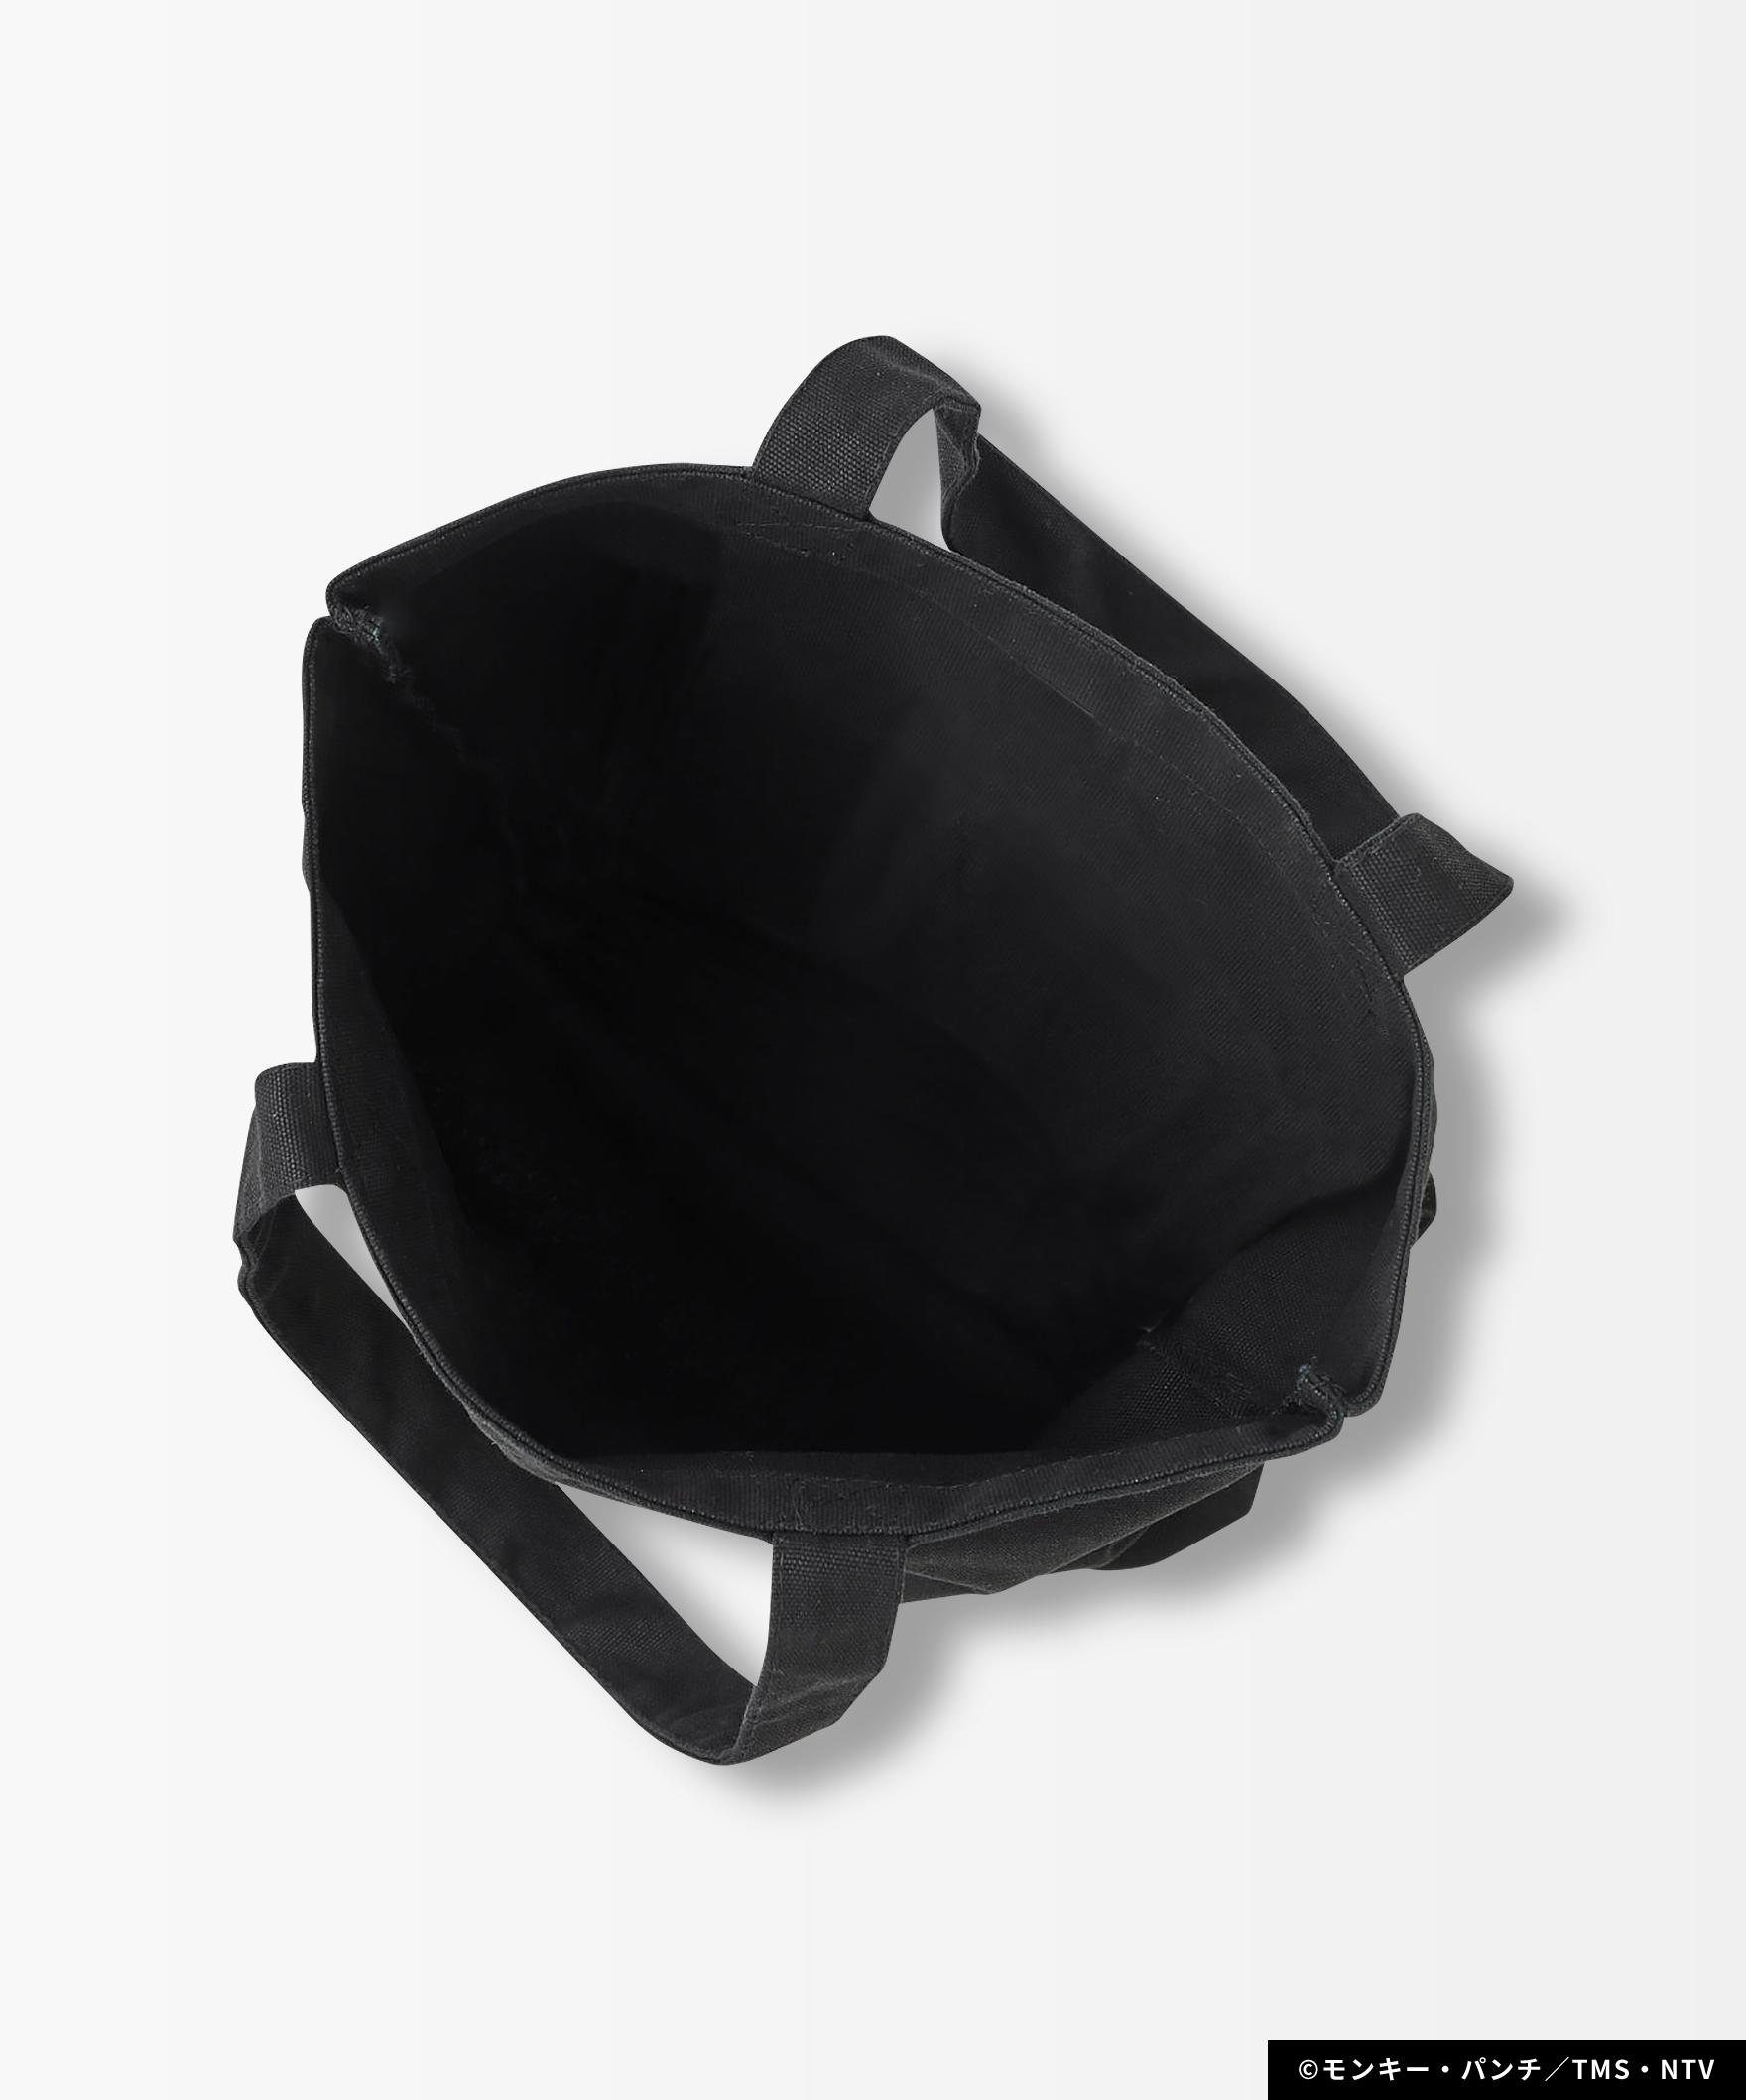 ルパン三世エンブロイダリートートバッグ